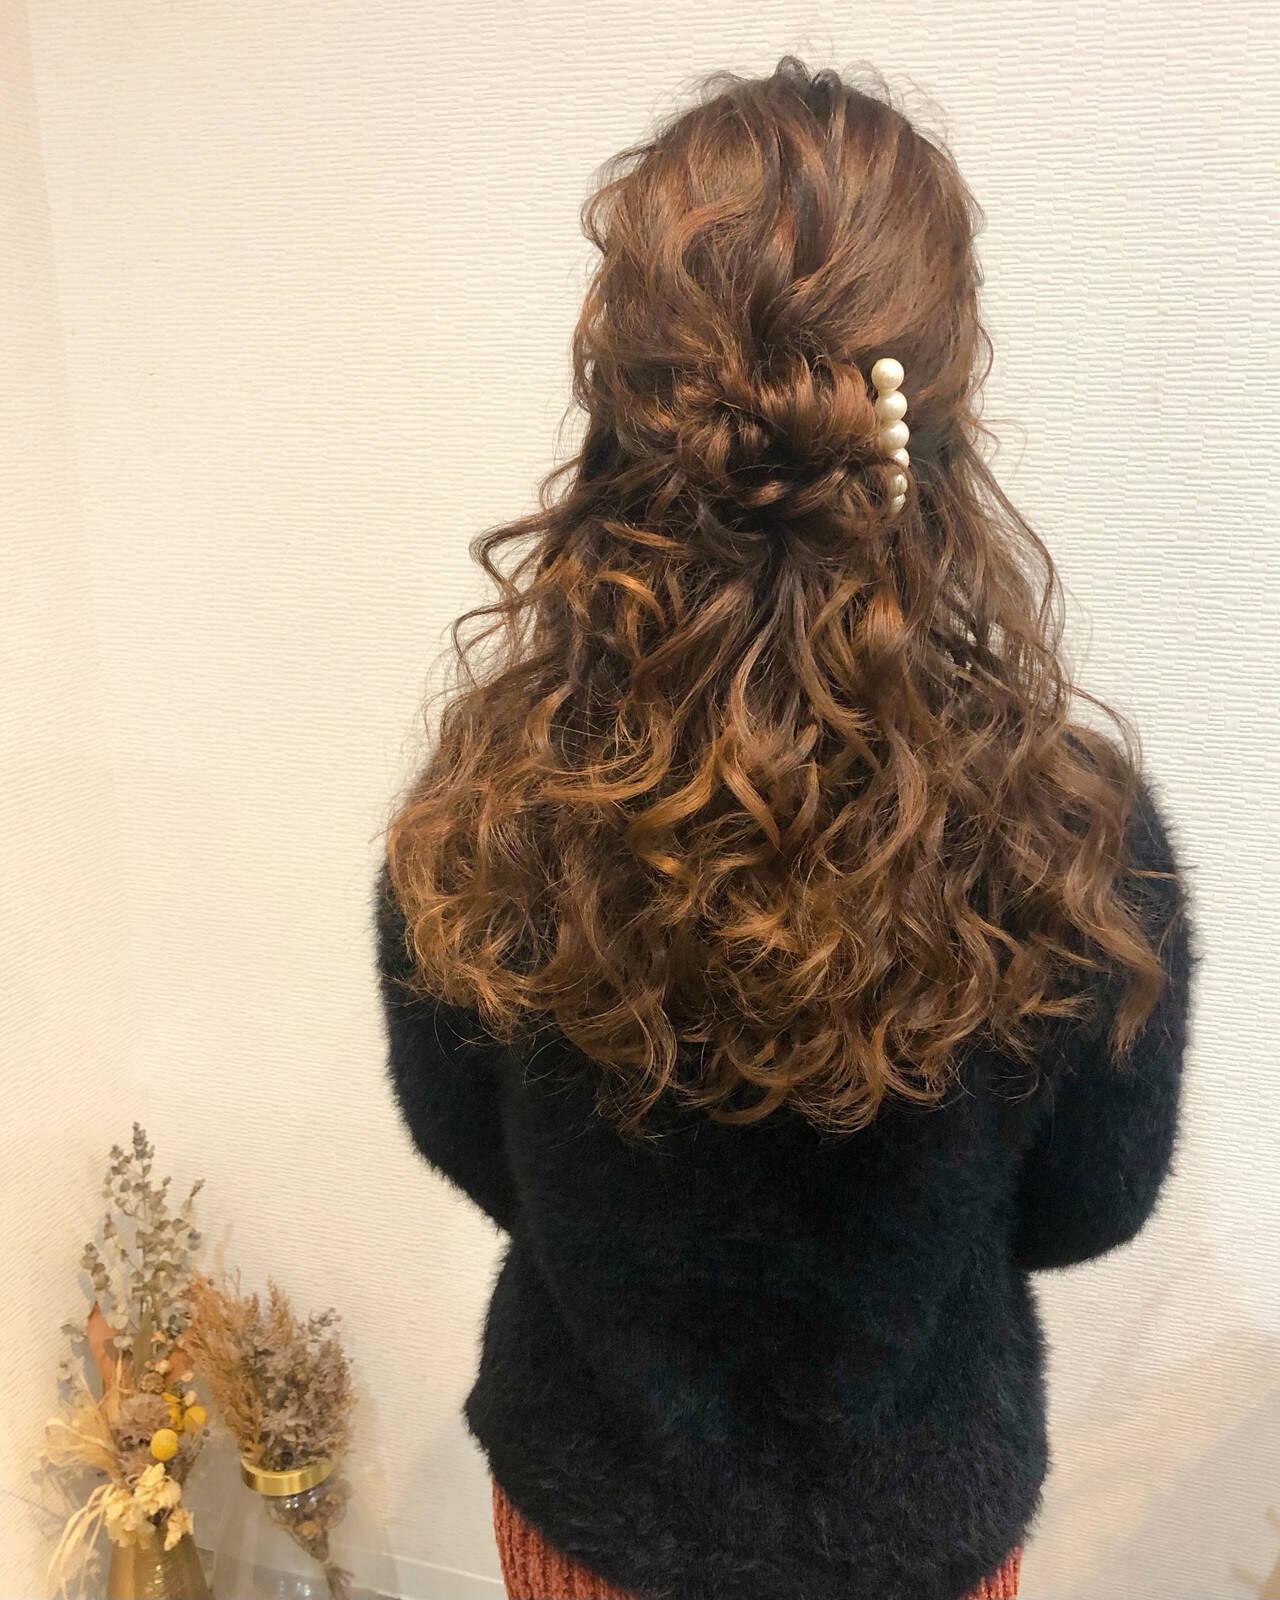 ねじり ヘアアレンジ ブライダル ハーフアップヘアスタイルや髪型の写真・画像